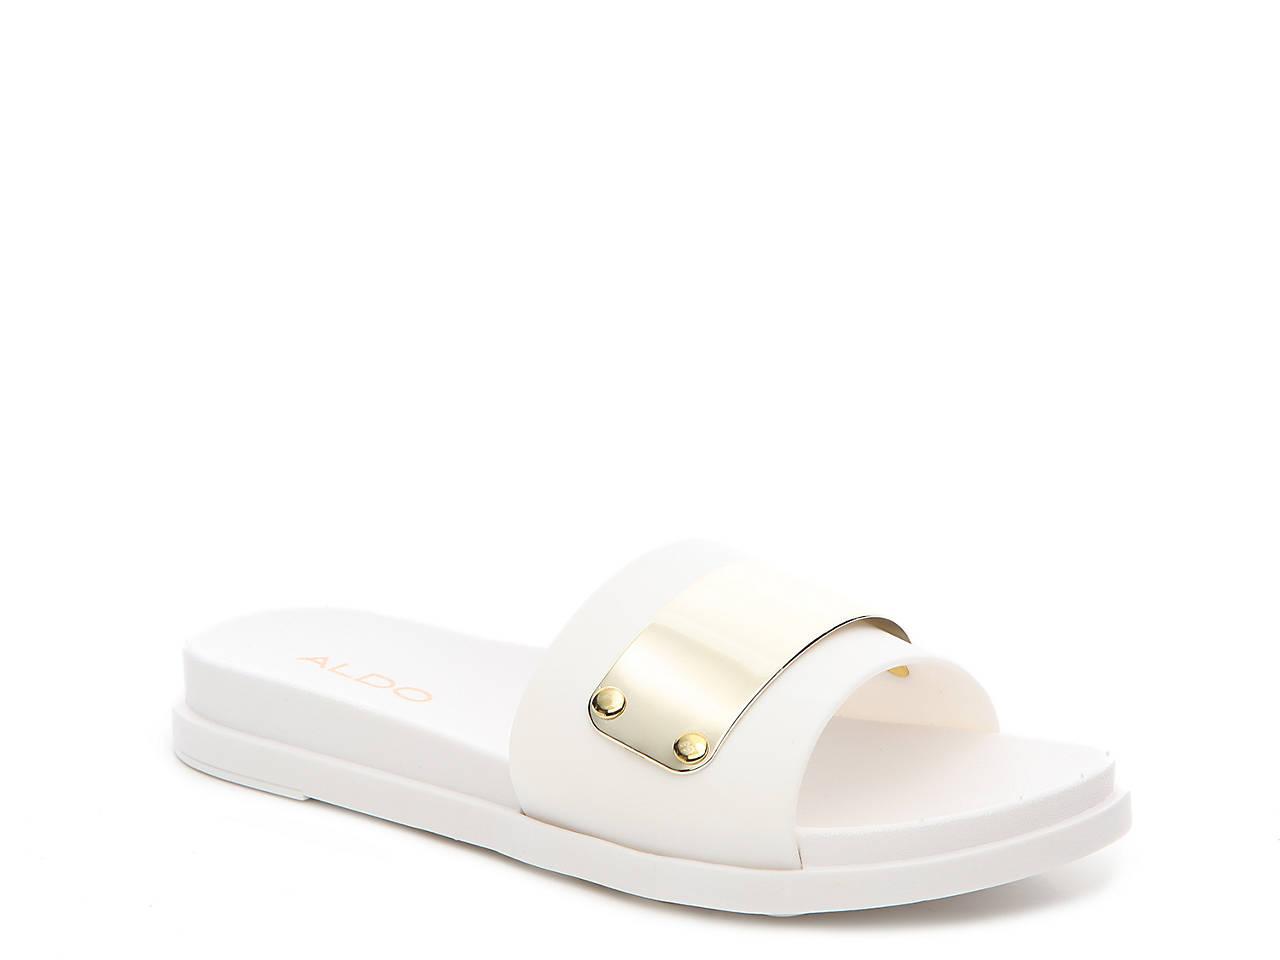 df97b52d557a Aldo Frloidel Slide Sandal Women s Shoes